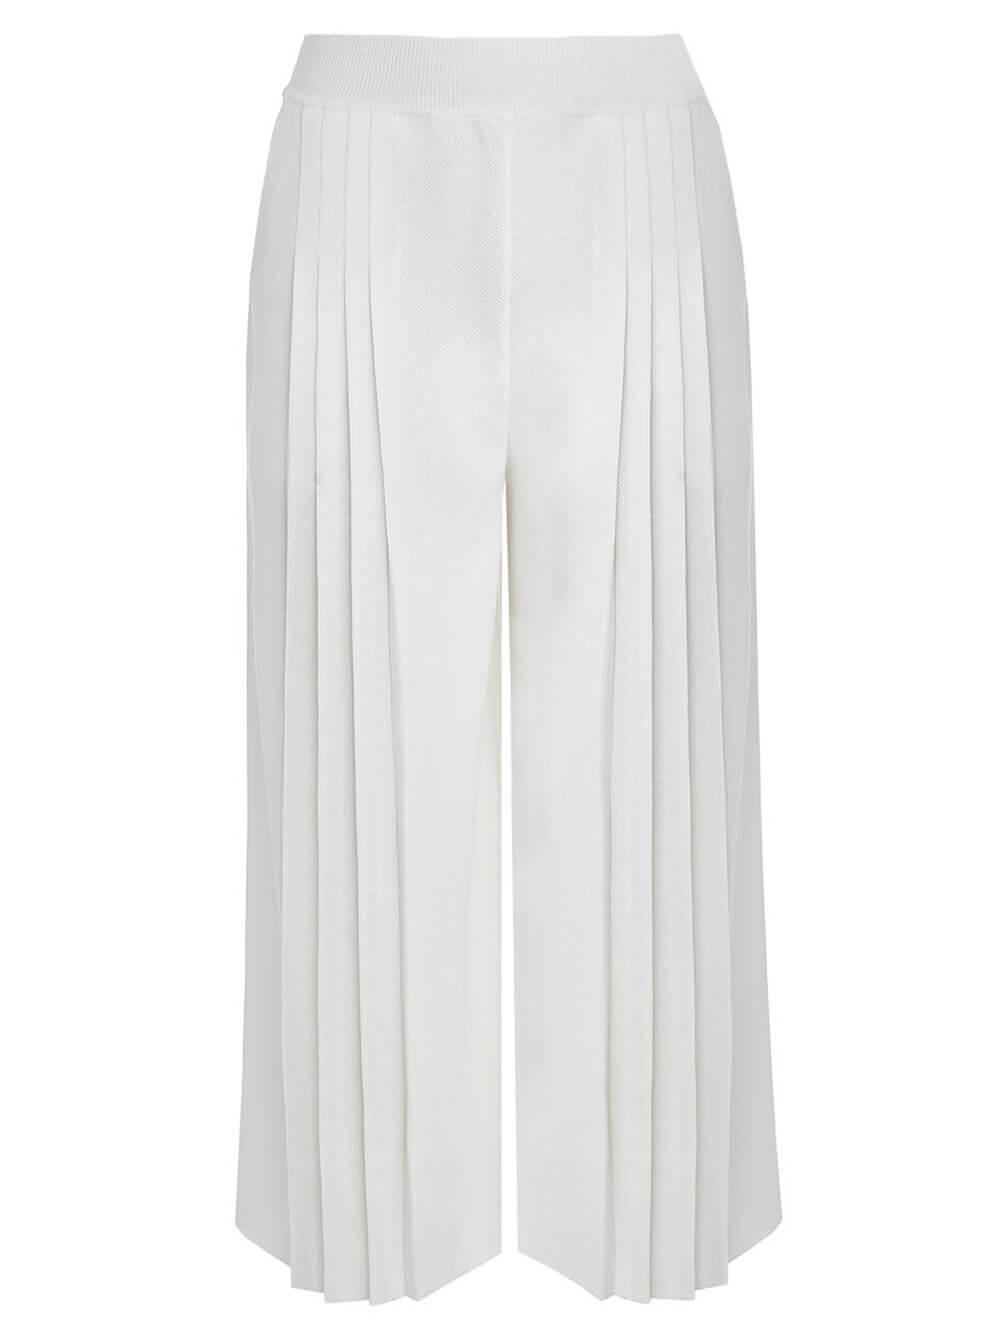 Женские брюки белого цвета из вискозы - фото 1